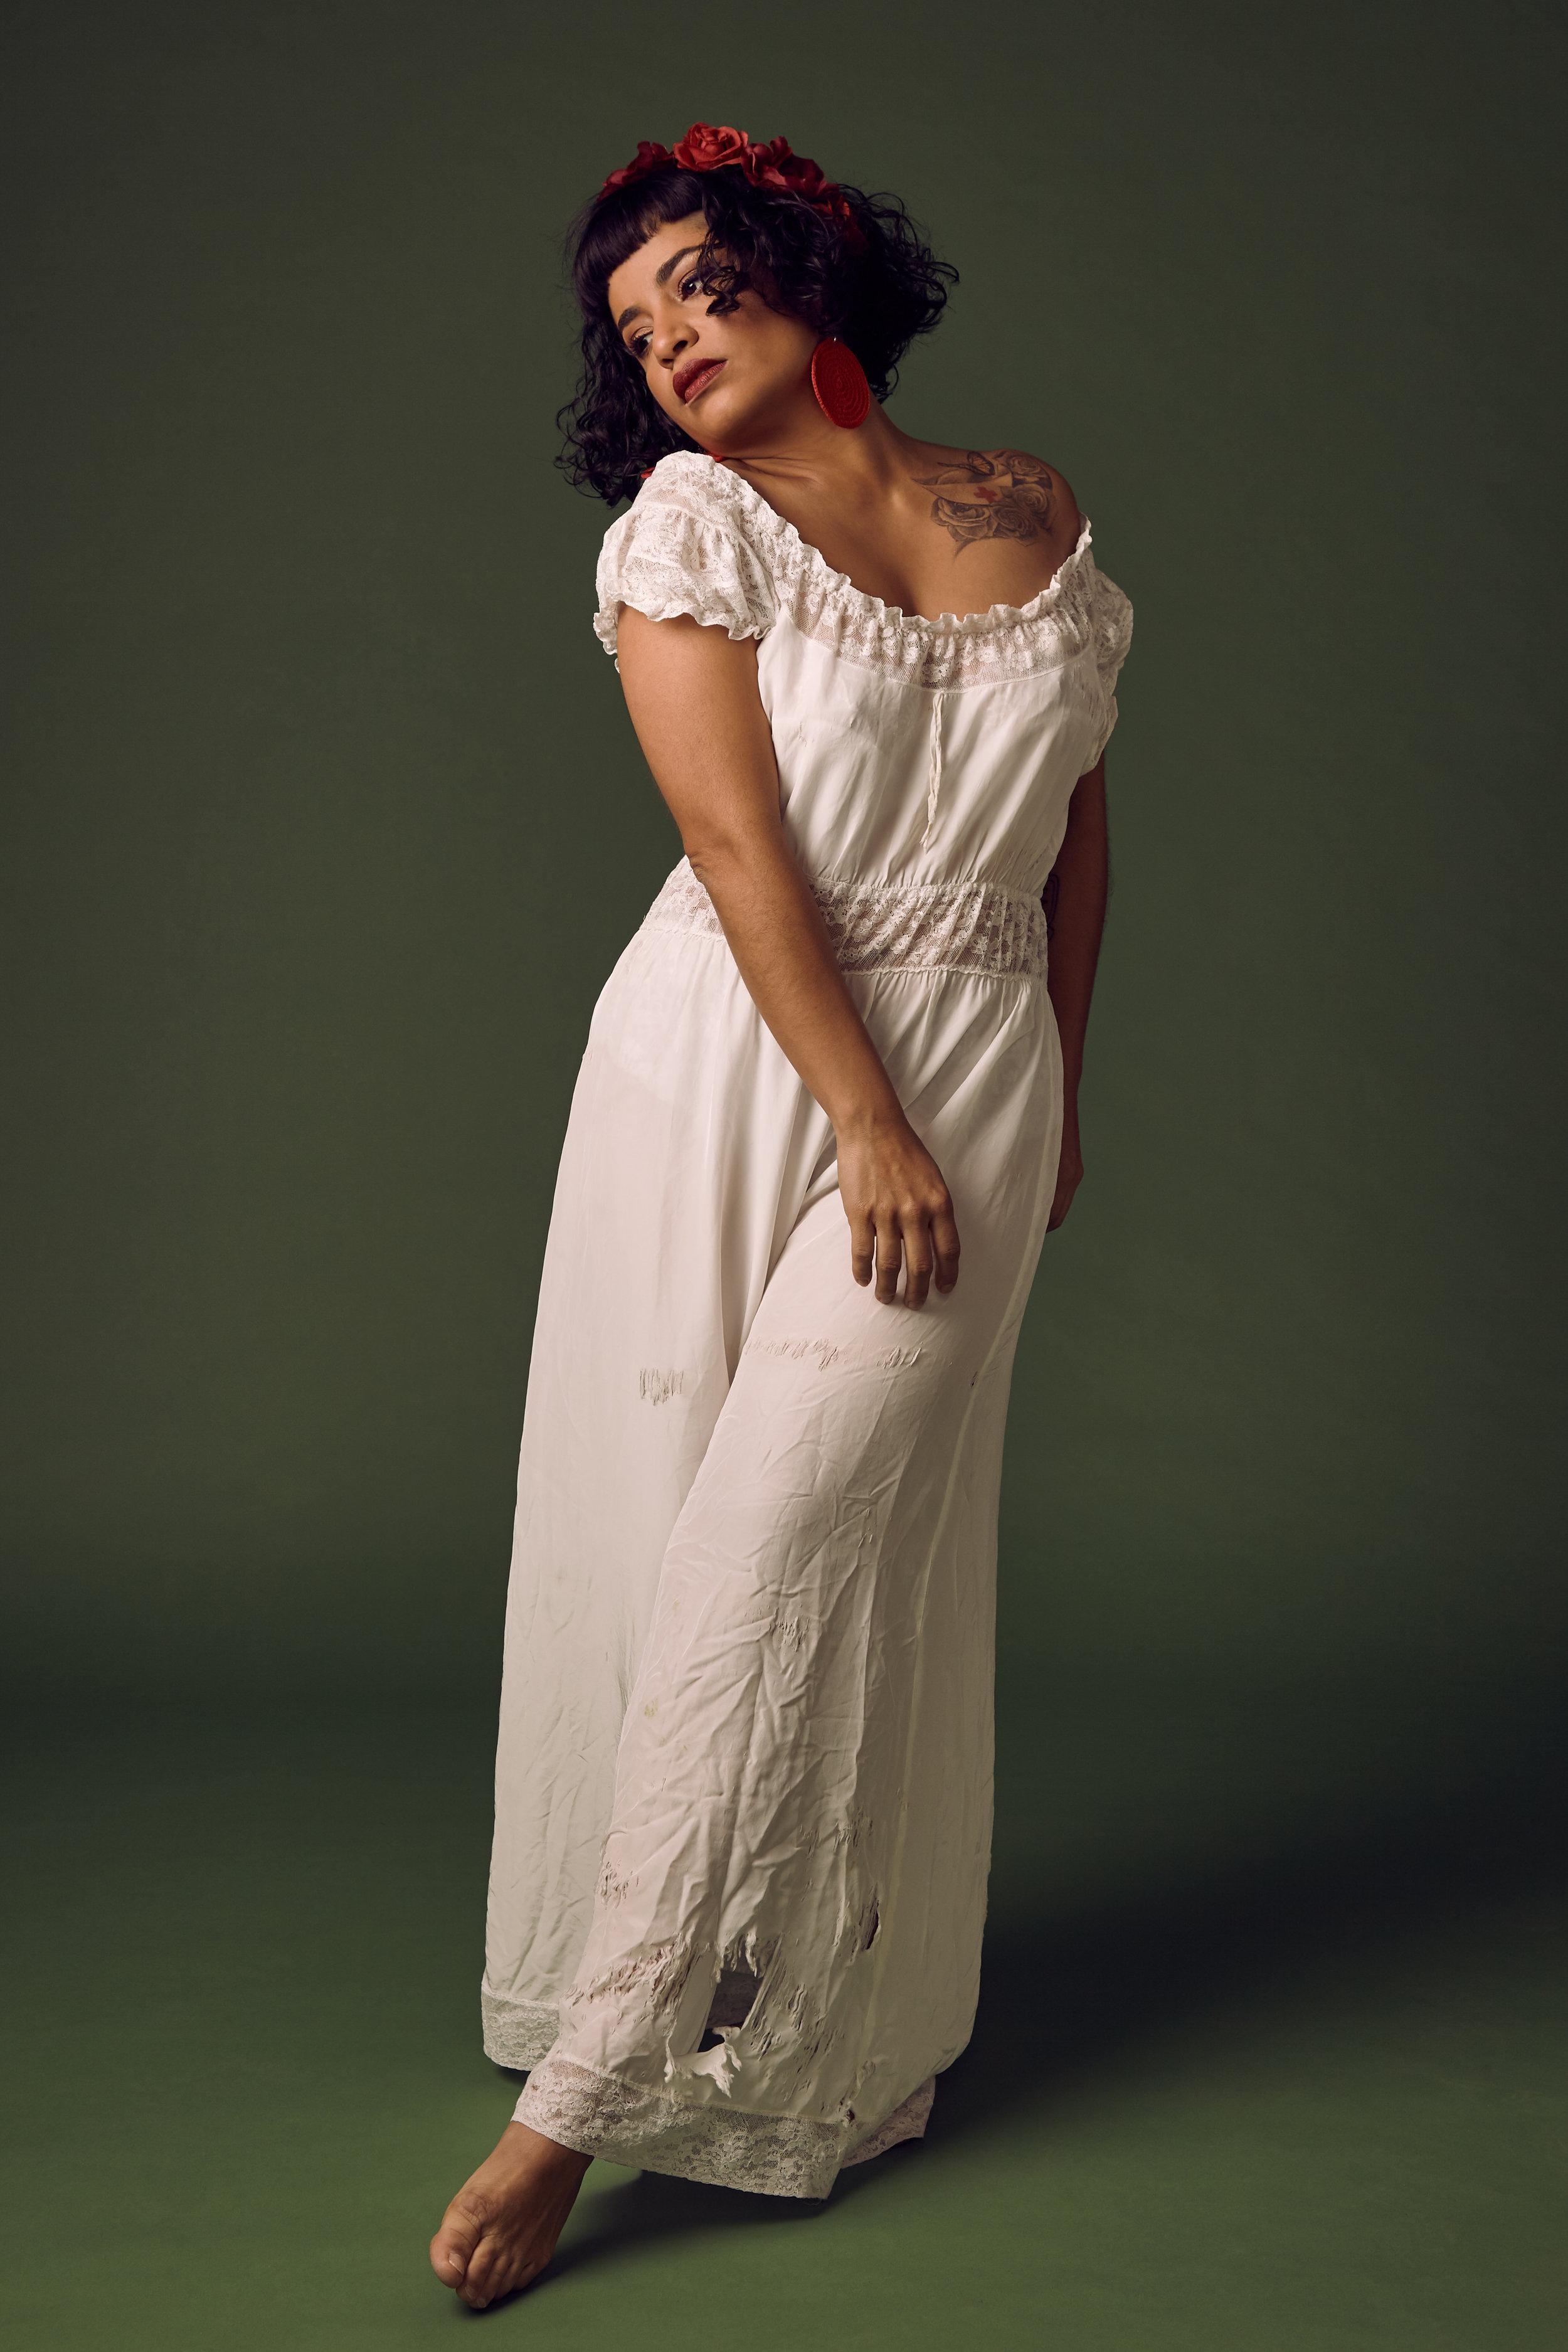 GUTS Magazine - Les Femmes Fatales